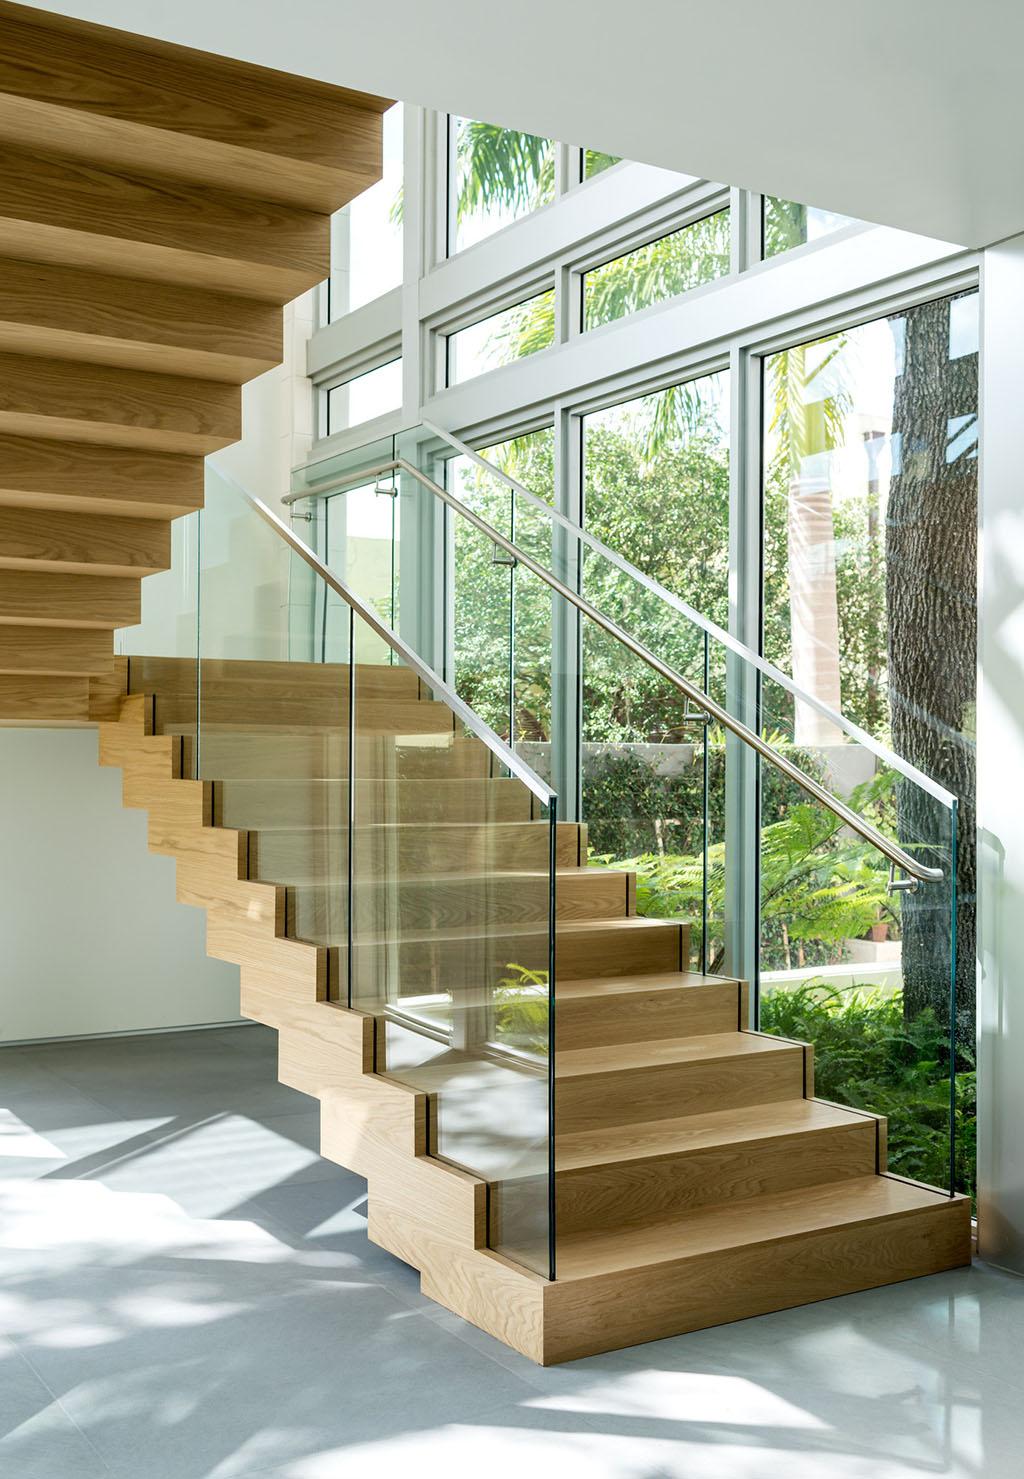 Fotografias de obra arquitectonica de Añil Arquitectura